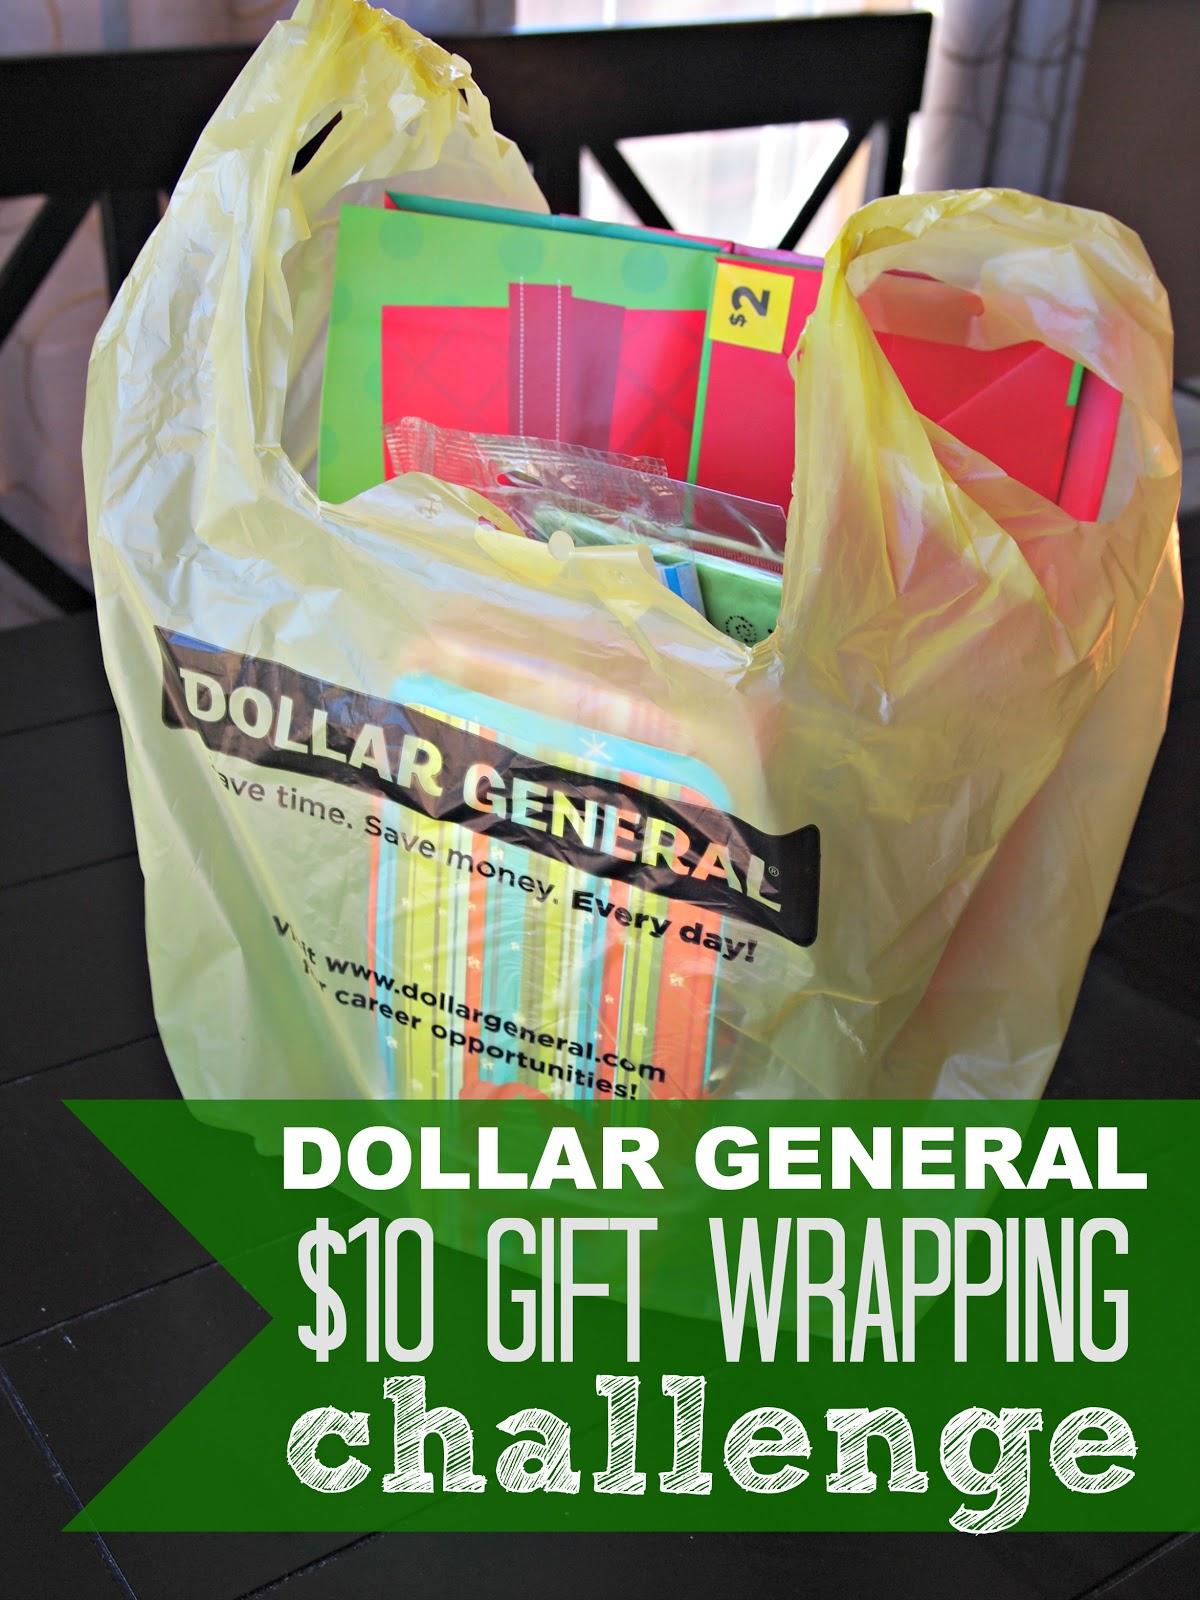 http://3.bp.blogspot.com/-ucrmcZs4fOQ/UMvt_rBCmEI/AAAAAAAAtz8/585e-x4vmS4/s1600/Dollar+General+$10+gift+wrapping+challenge.jpg